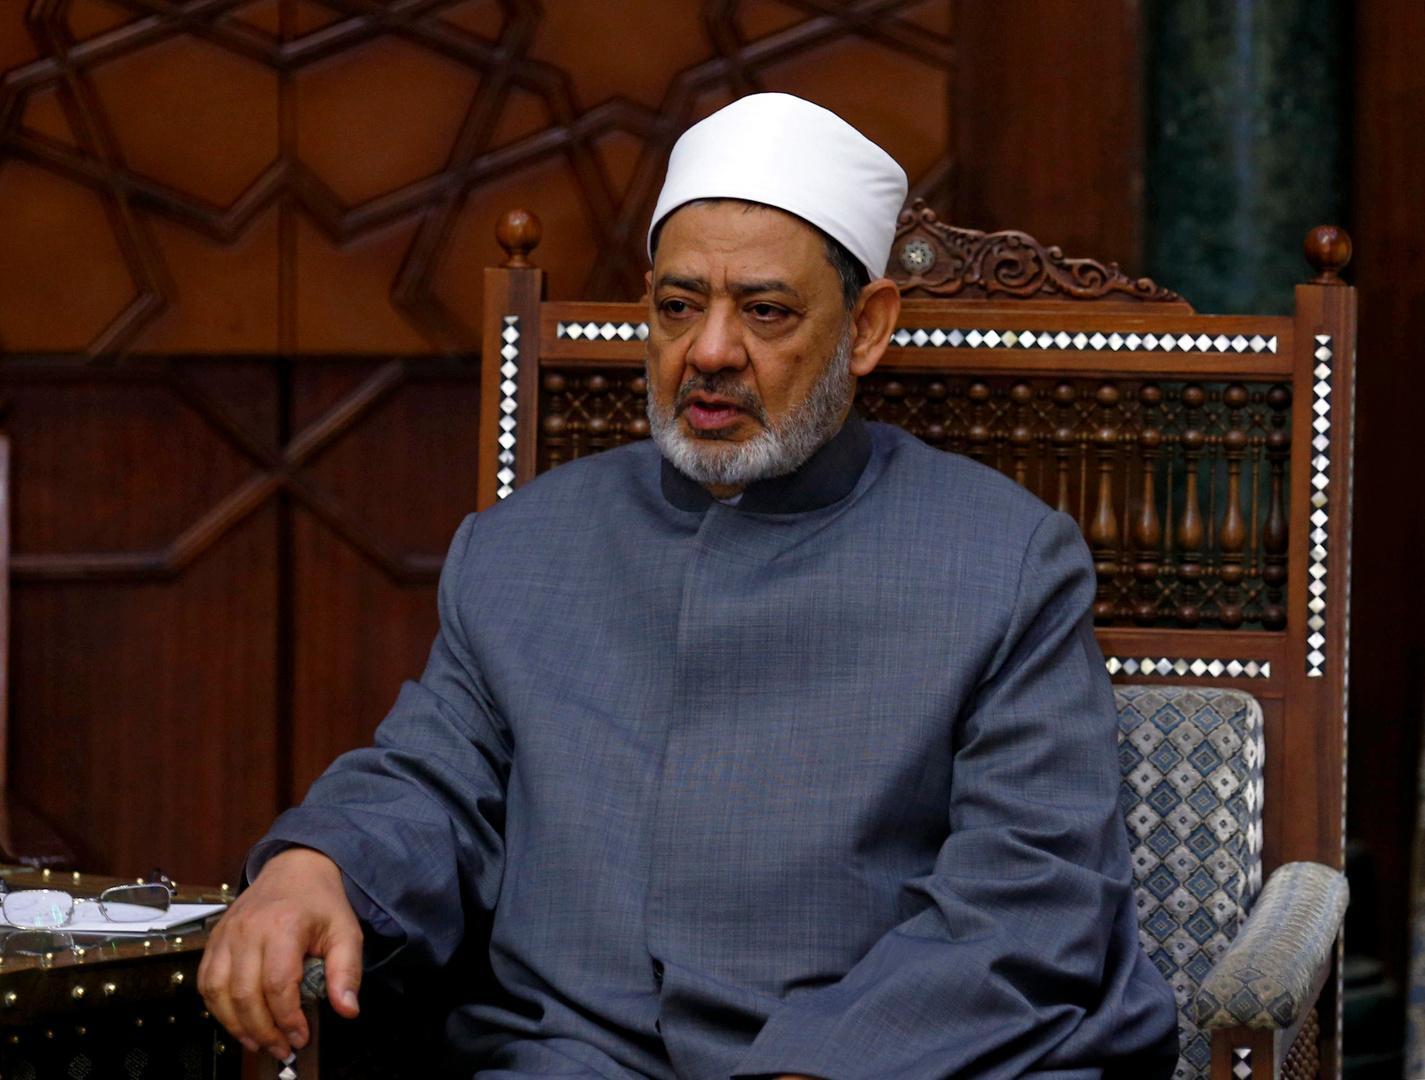 شيخ الأزهر: دفاع مصر عن حصتها في نهر النيل لا يجب التهاون فيه